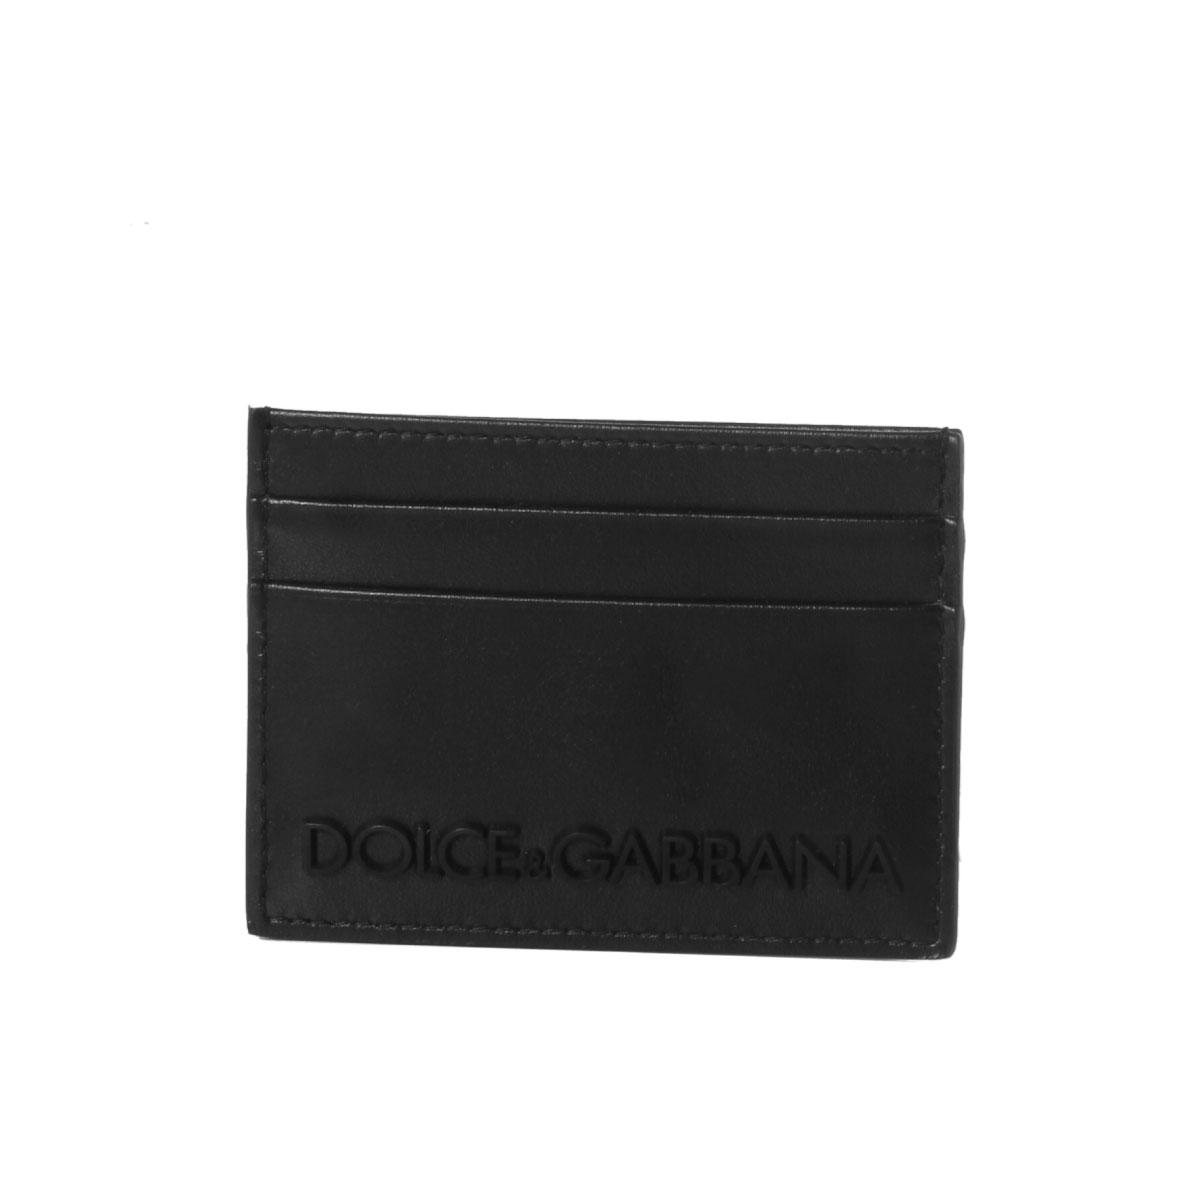 財布・ケース, 定期入れ・パスケース  DOLCEGABBANA BP0330 AZ106 8B956 NERONERO